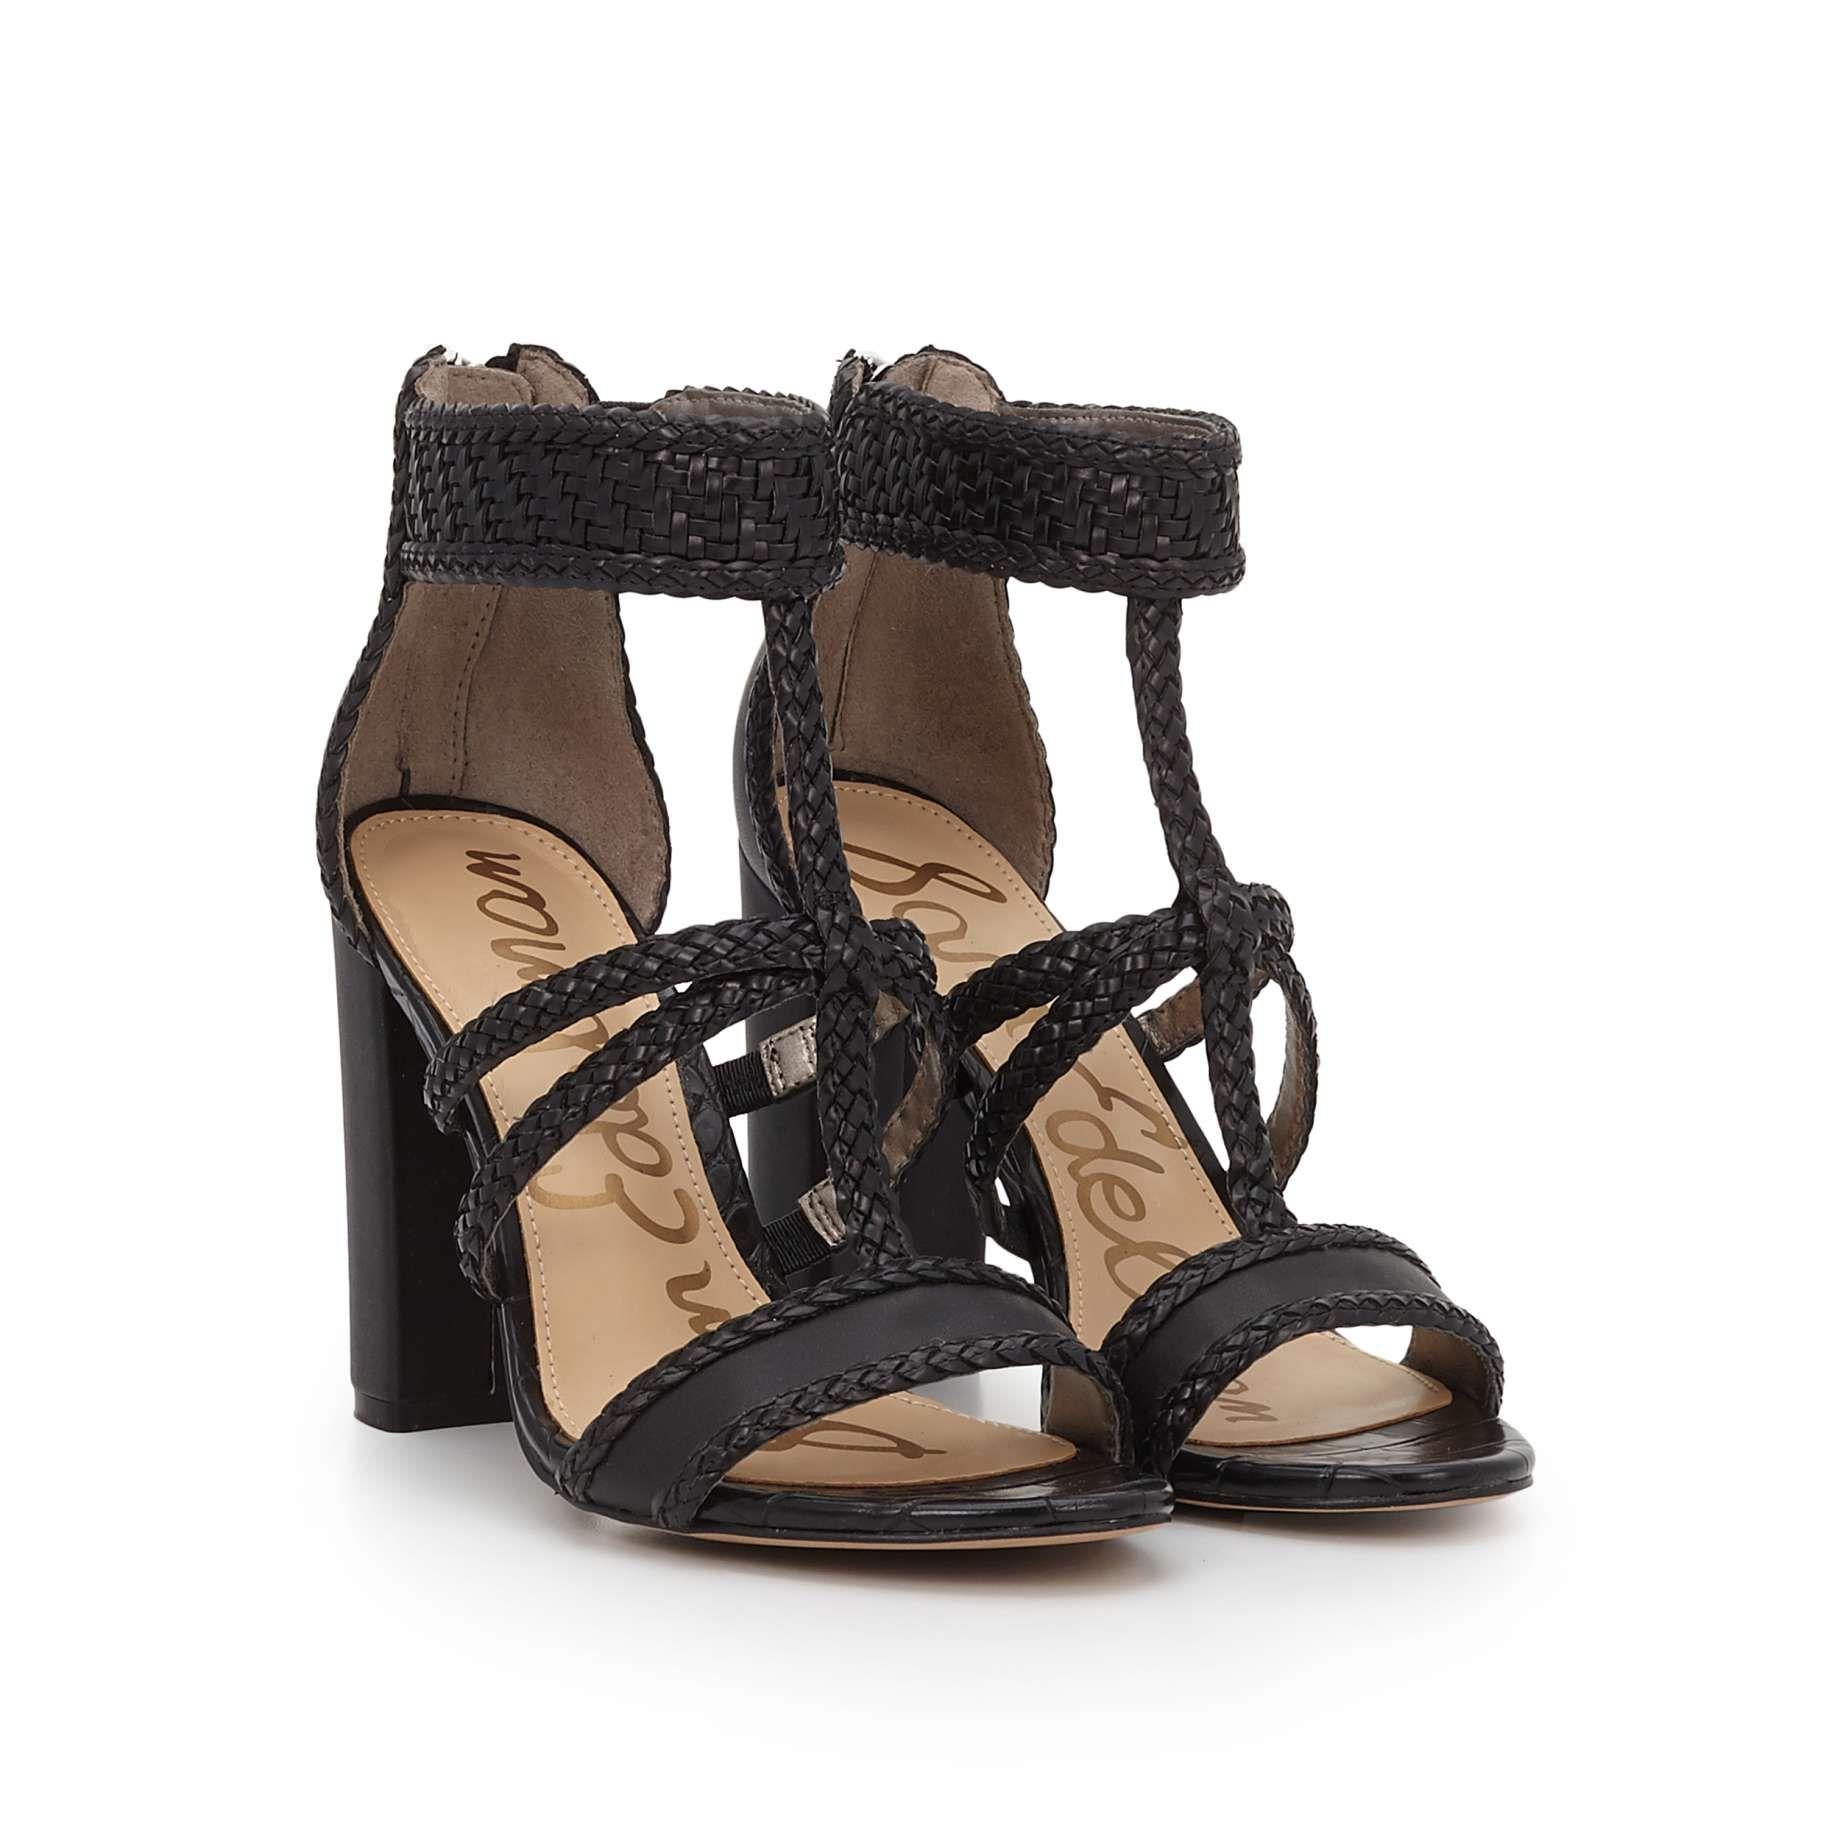 a34dbcb22a501 Yordana Woven T-Strap Sandal by Sam Edelman - Black Woven Leather - View 1